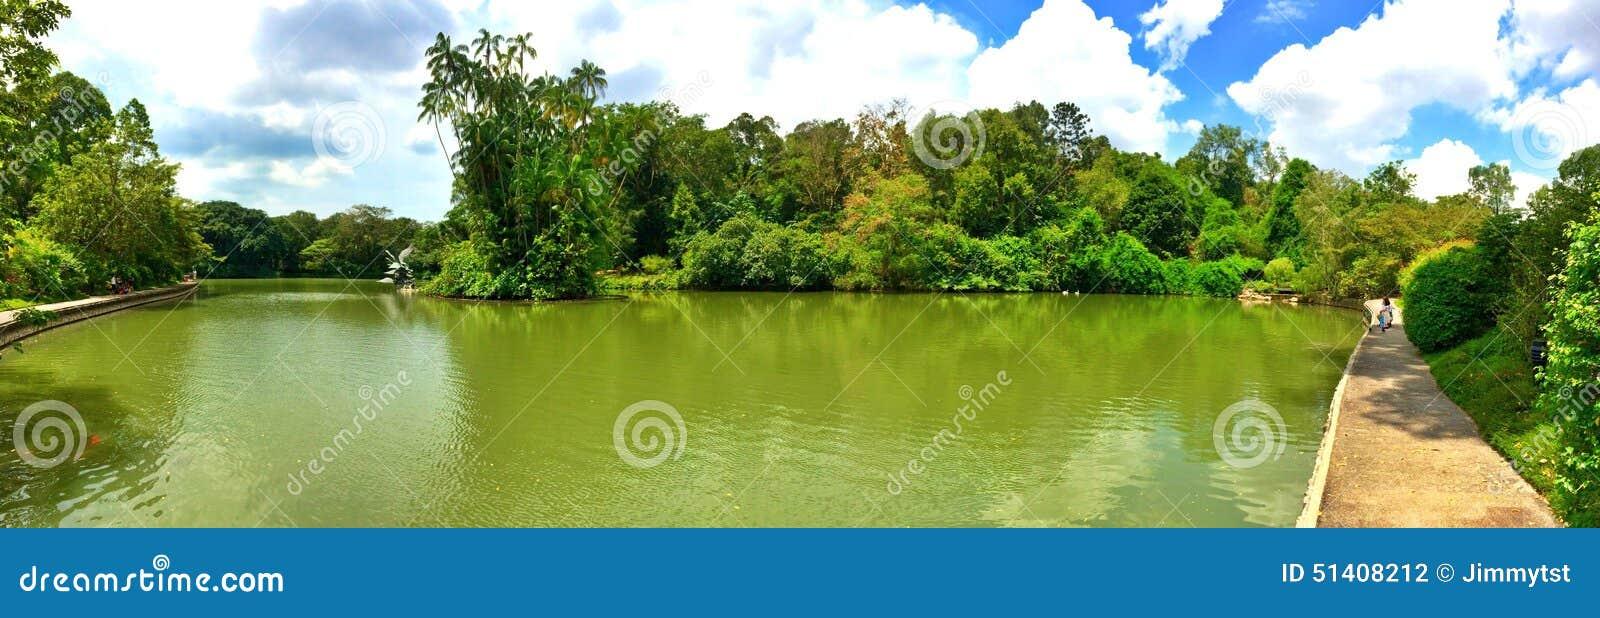 Lago swan, jardins botânicos, Singapura